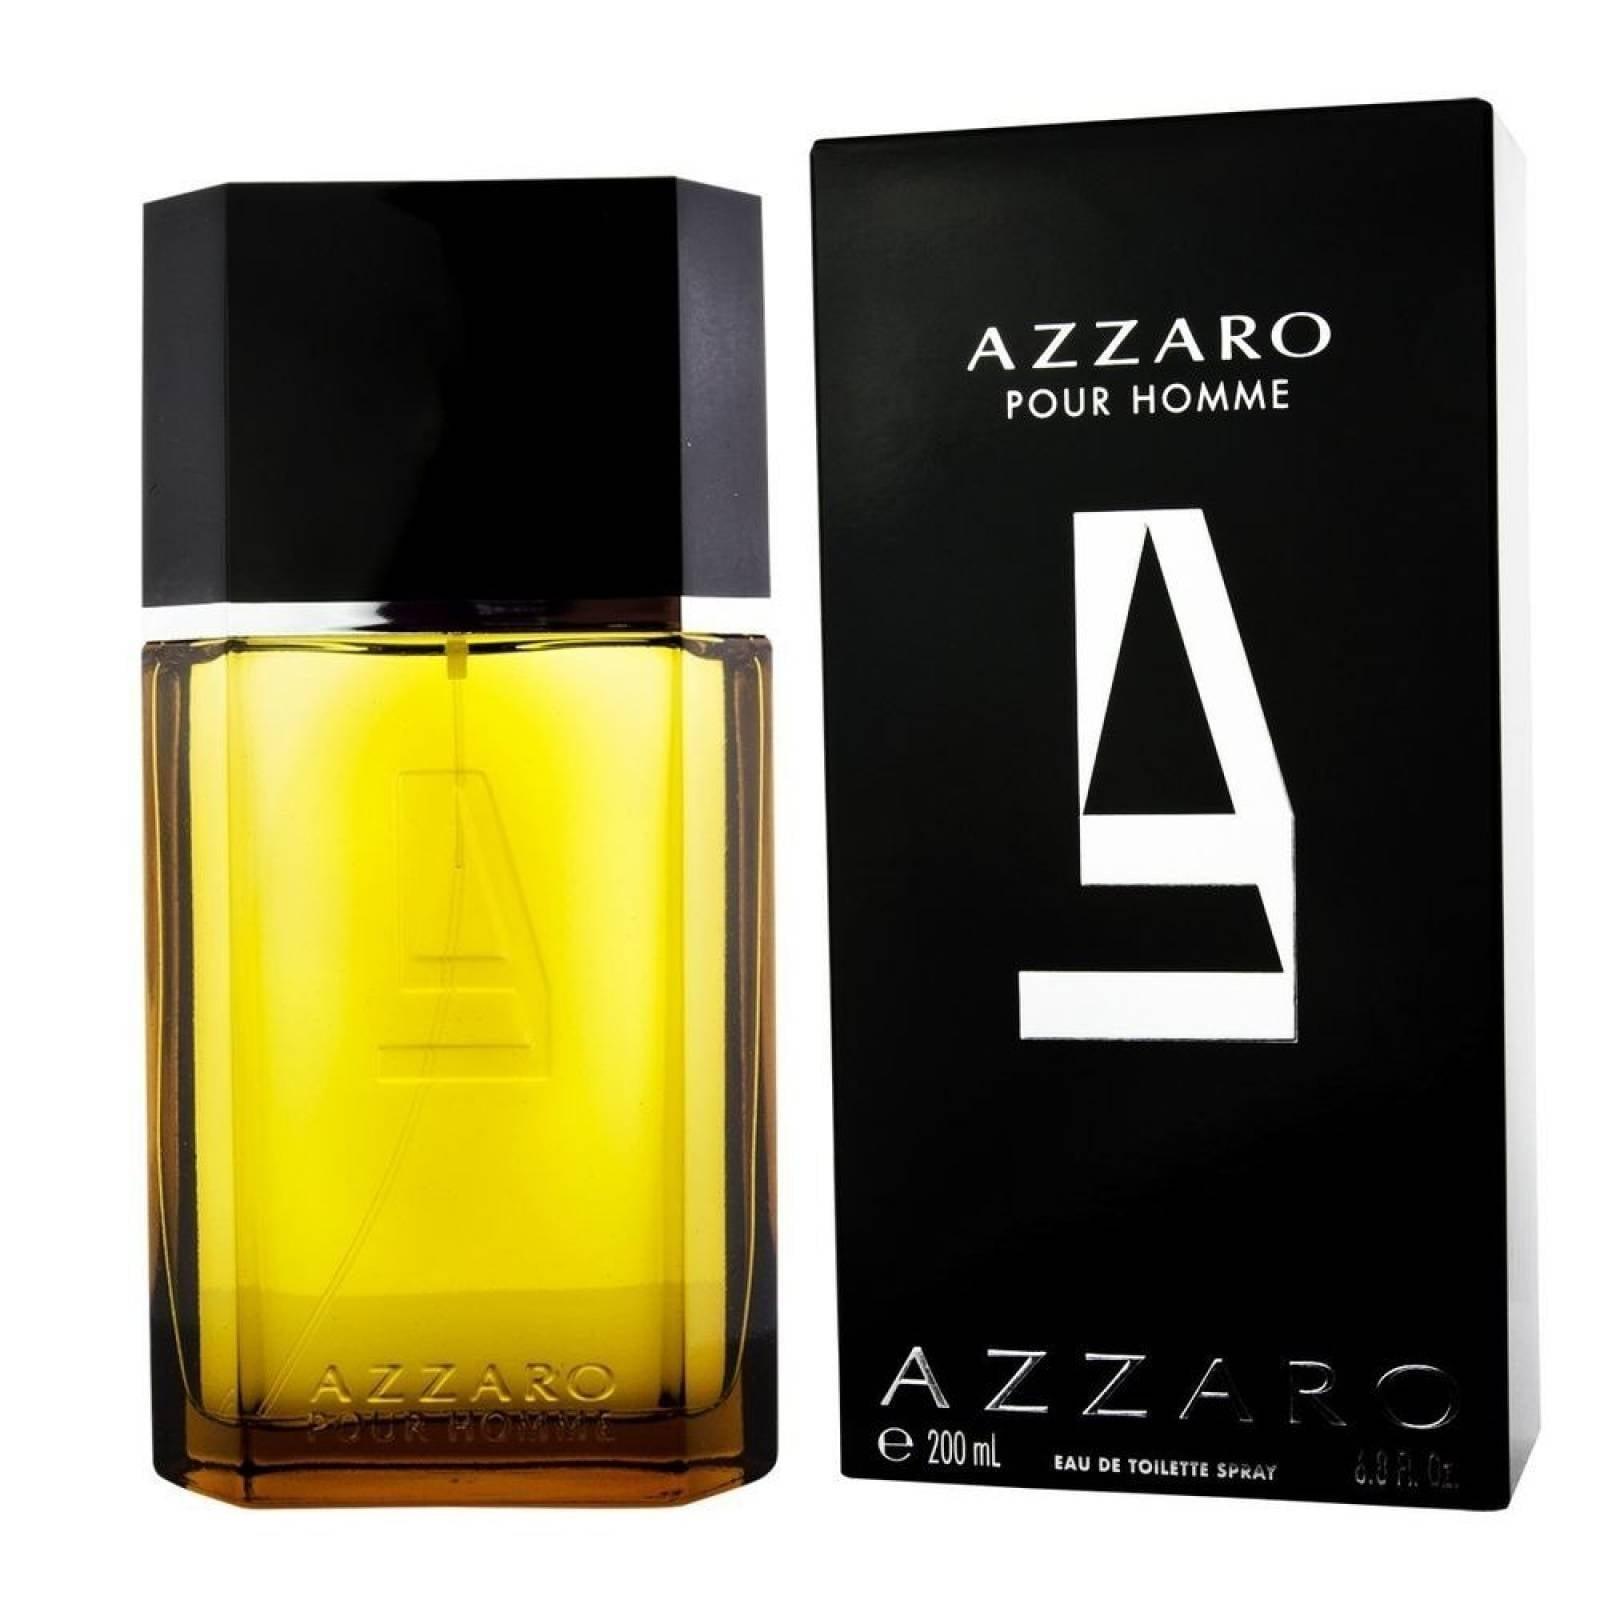 Azzaro Pour Homme de Azzaro Eau de Toilette 200 ml